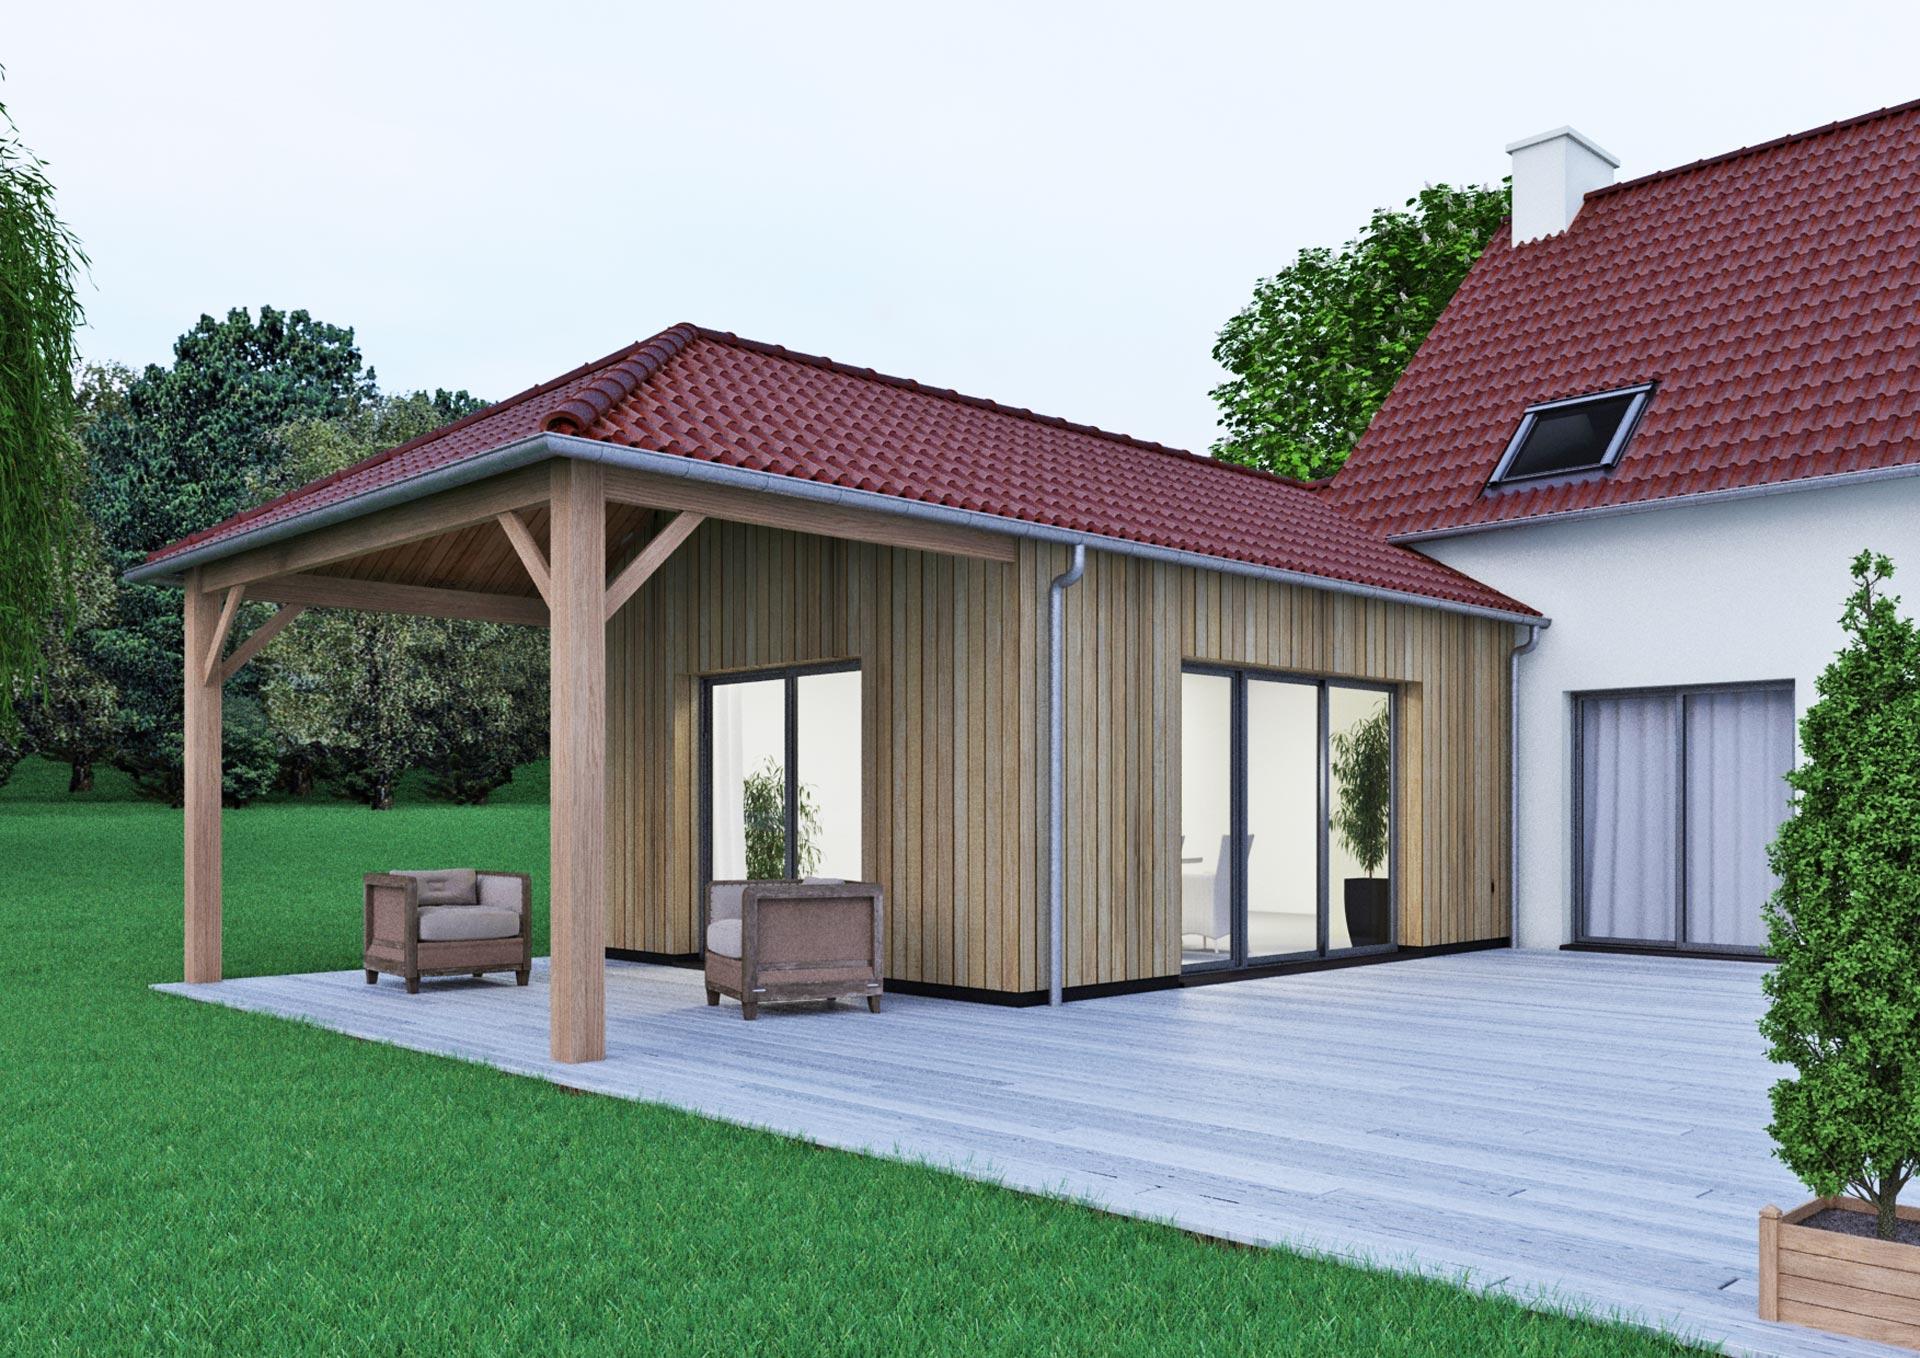 extension de maison traditionnelle pour agrandir sa maison. Black Bedroom Furniture Sets. Home Design Ideas